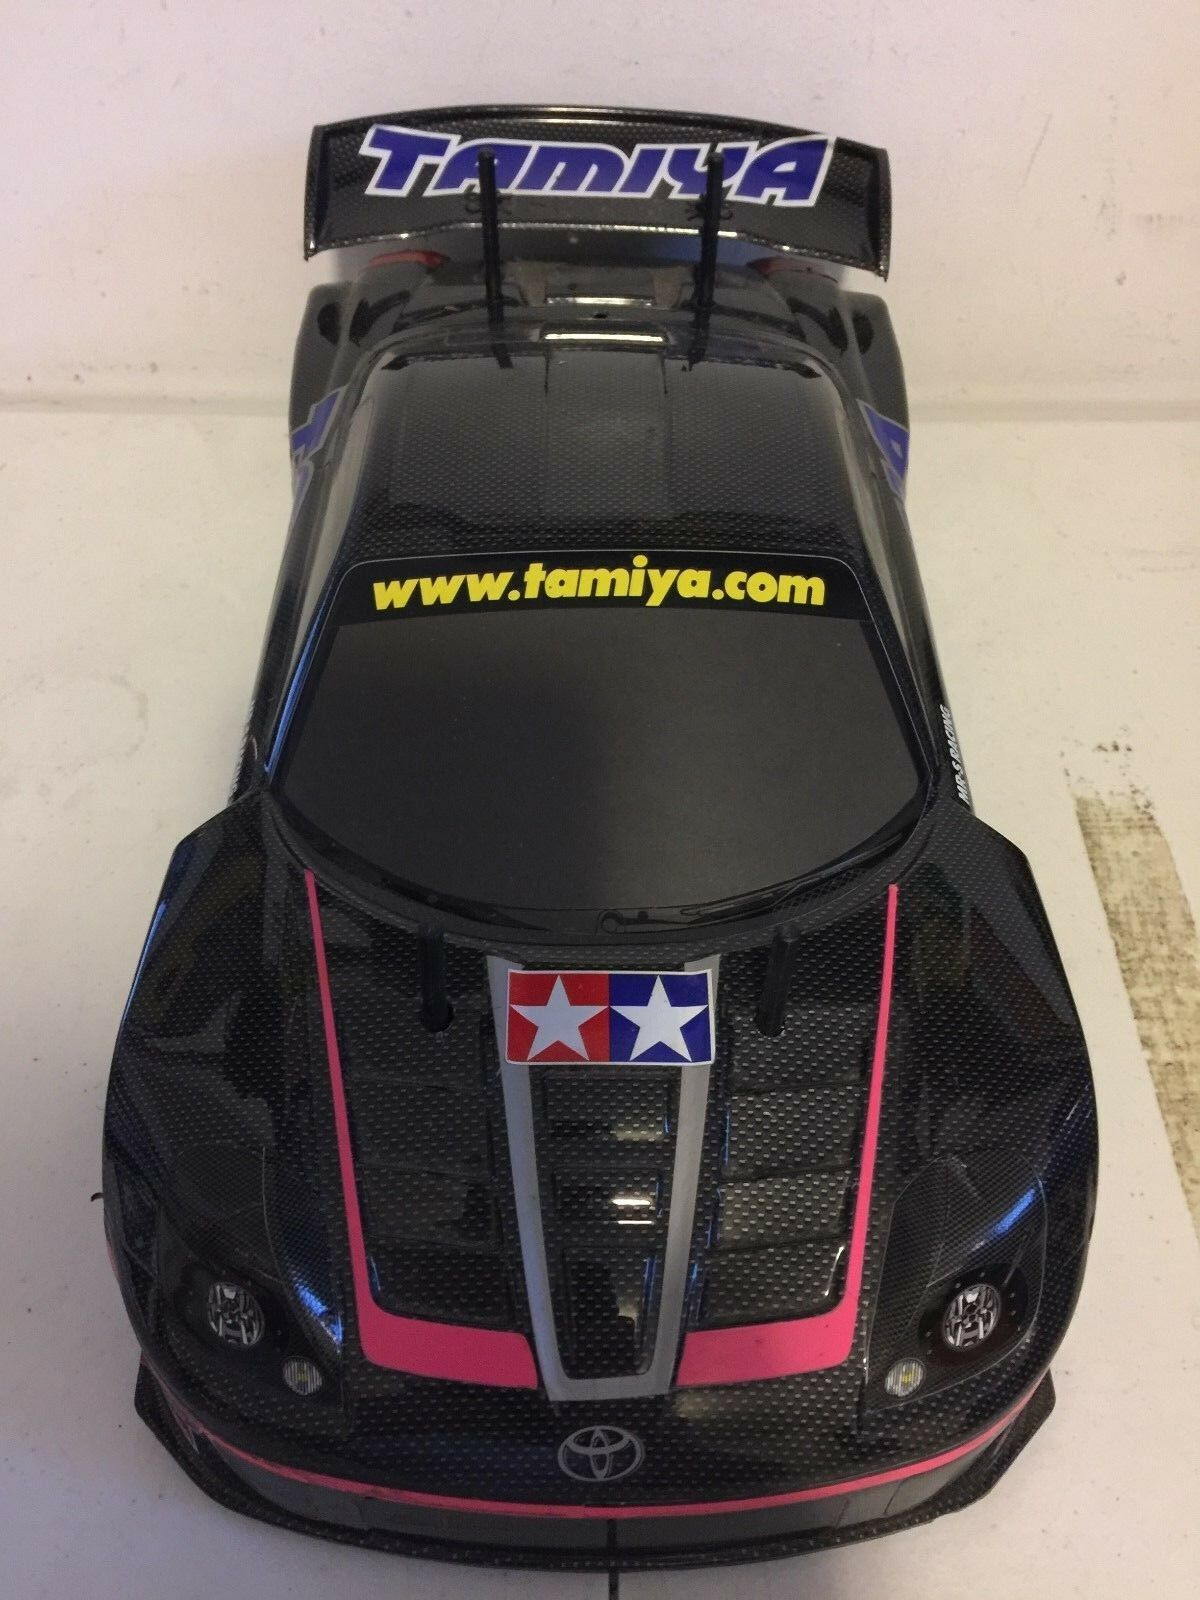 Tamiya Toyota Supra 1 10 Radio Control Coche de carrera con Futaba Magnum 2PL controlador  no probado